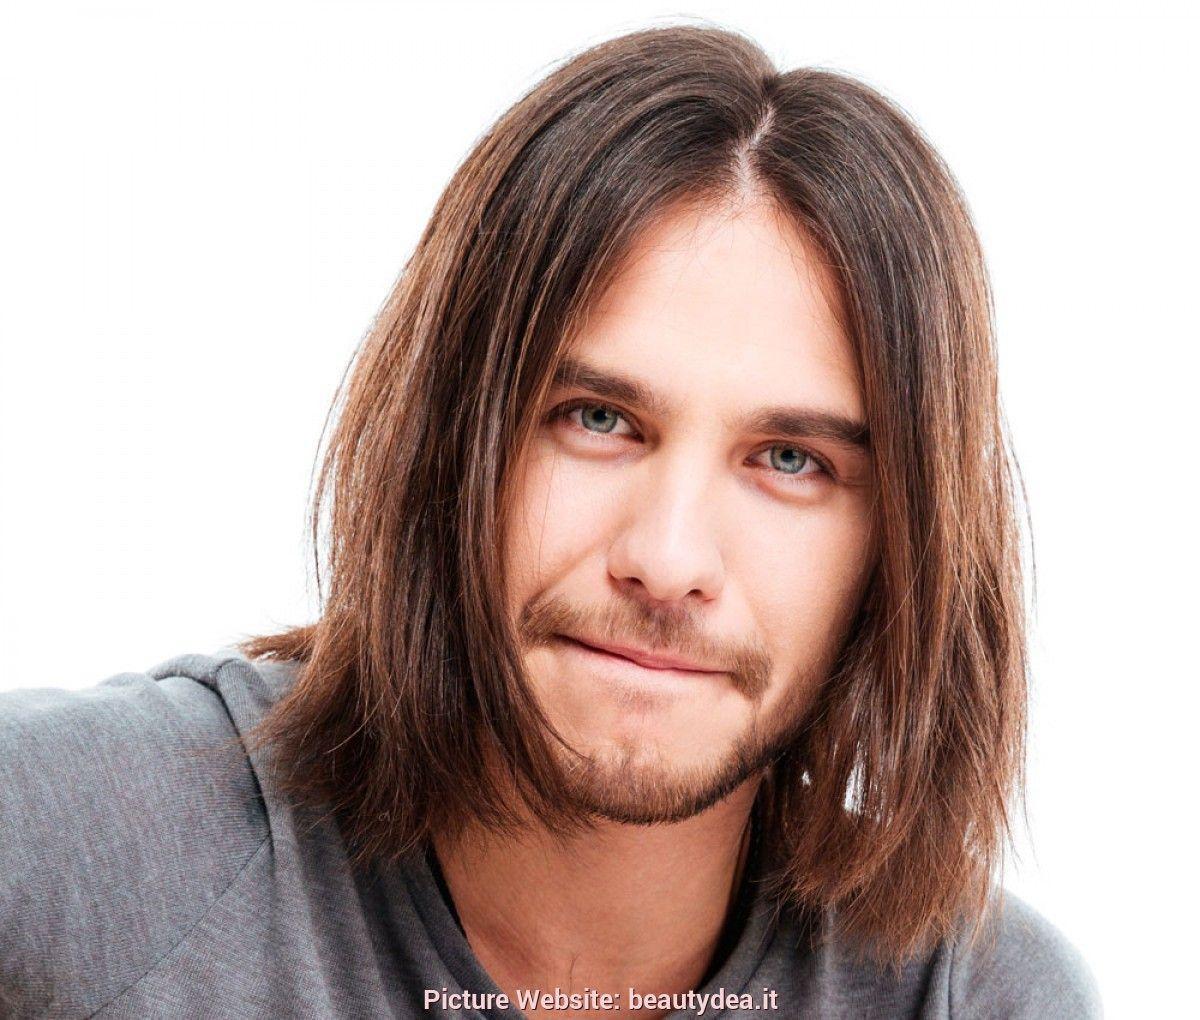 Schöner langer Haar-Mann - Frisuren Neue  Haare männer, Lange